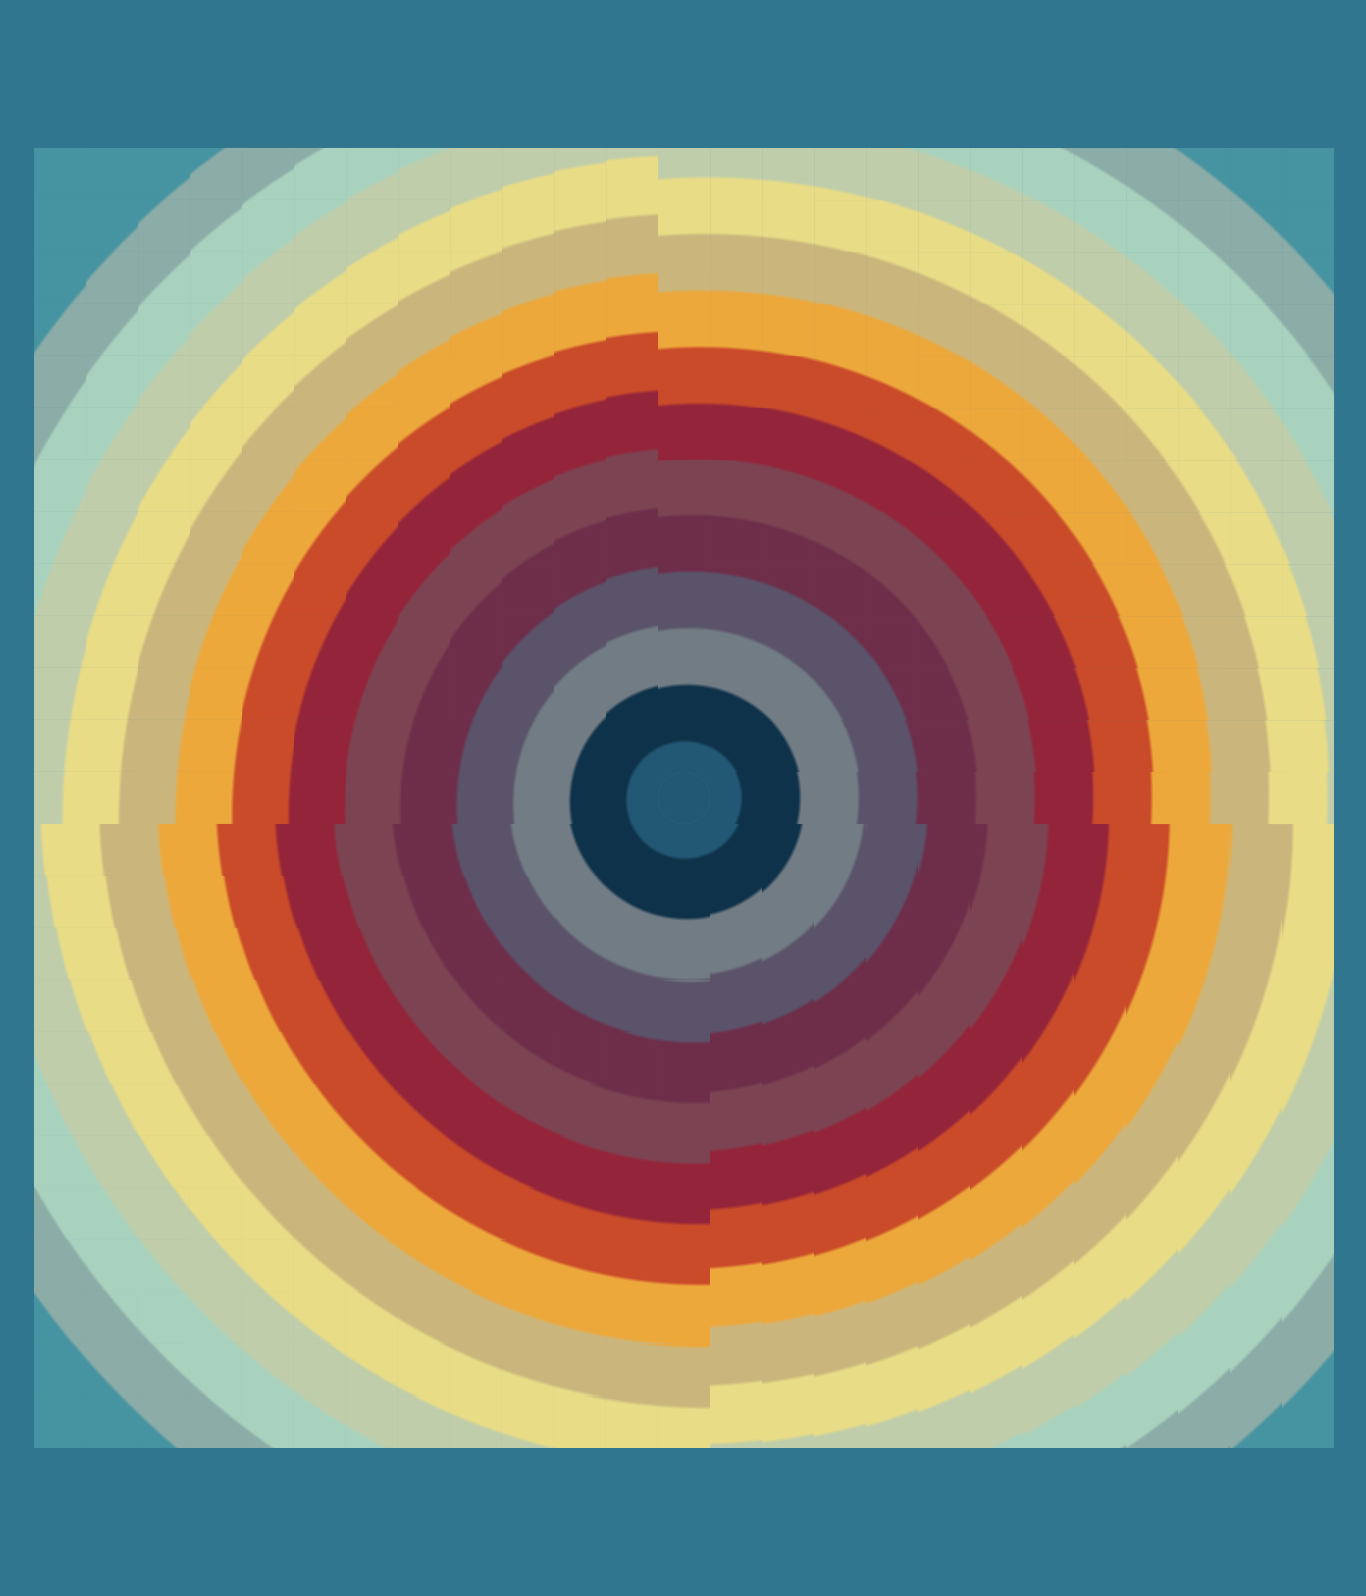 isolation-pixel-static-97